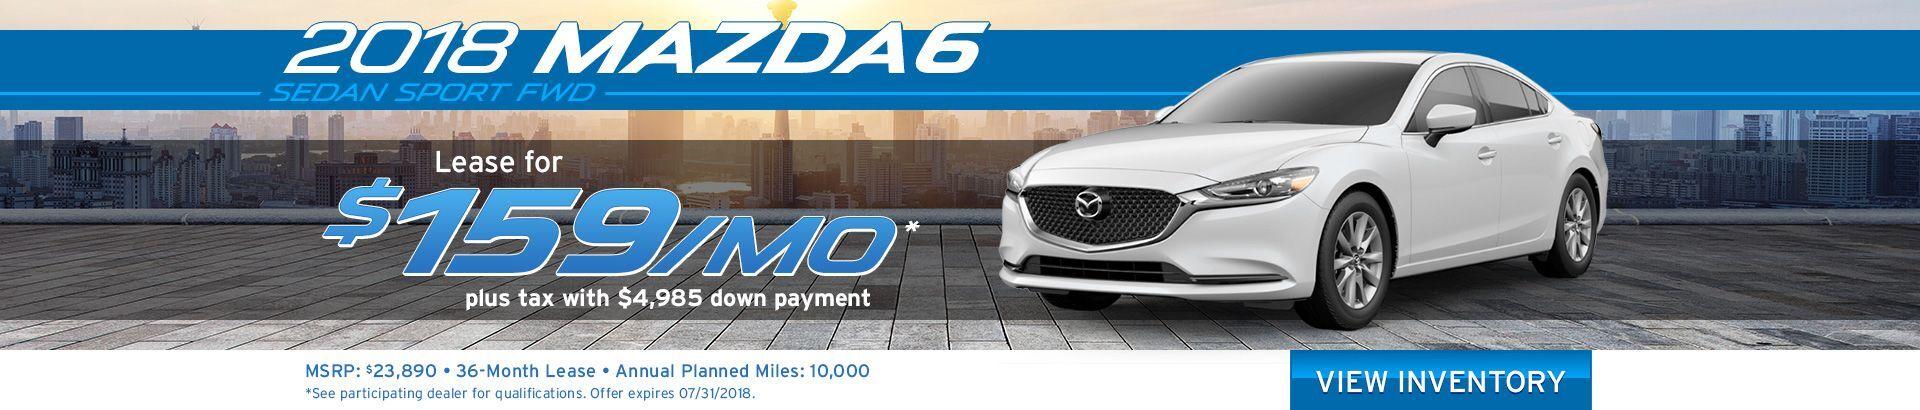 Mazda 6 Specials